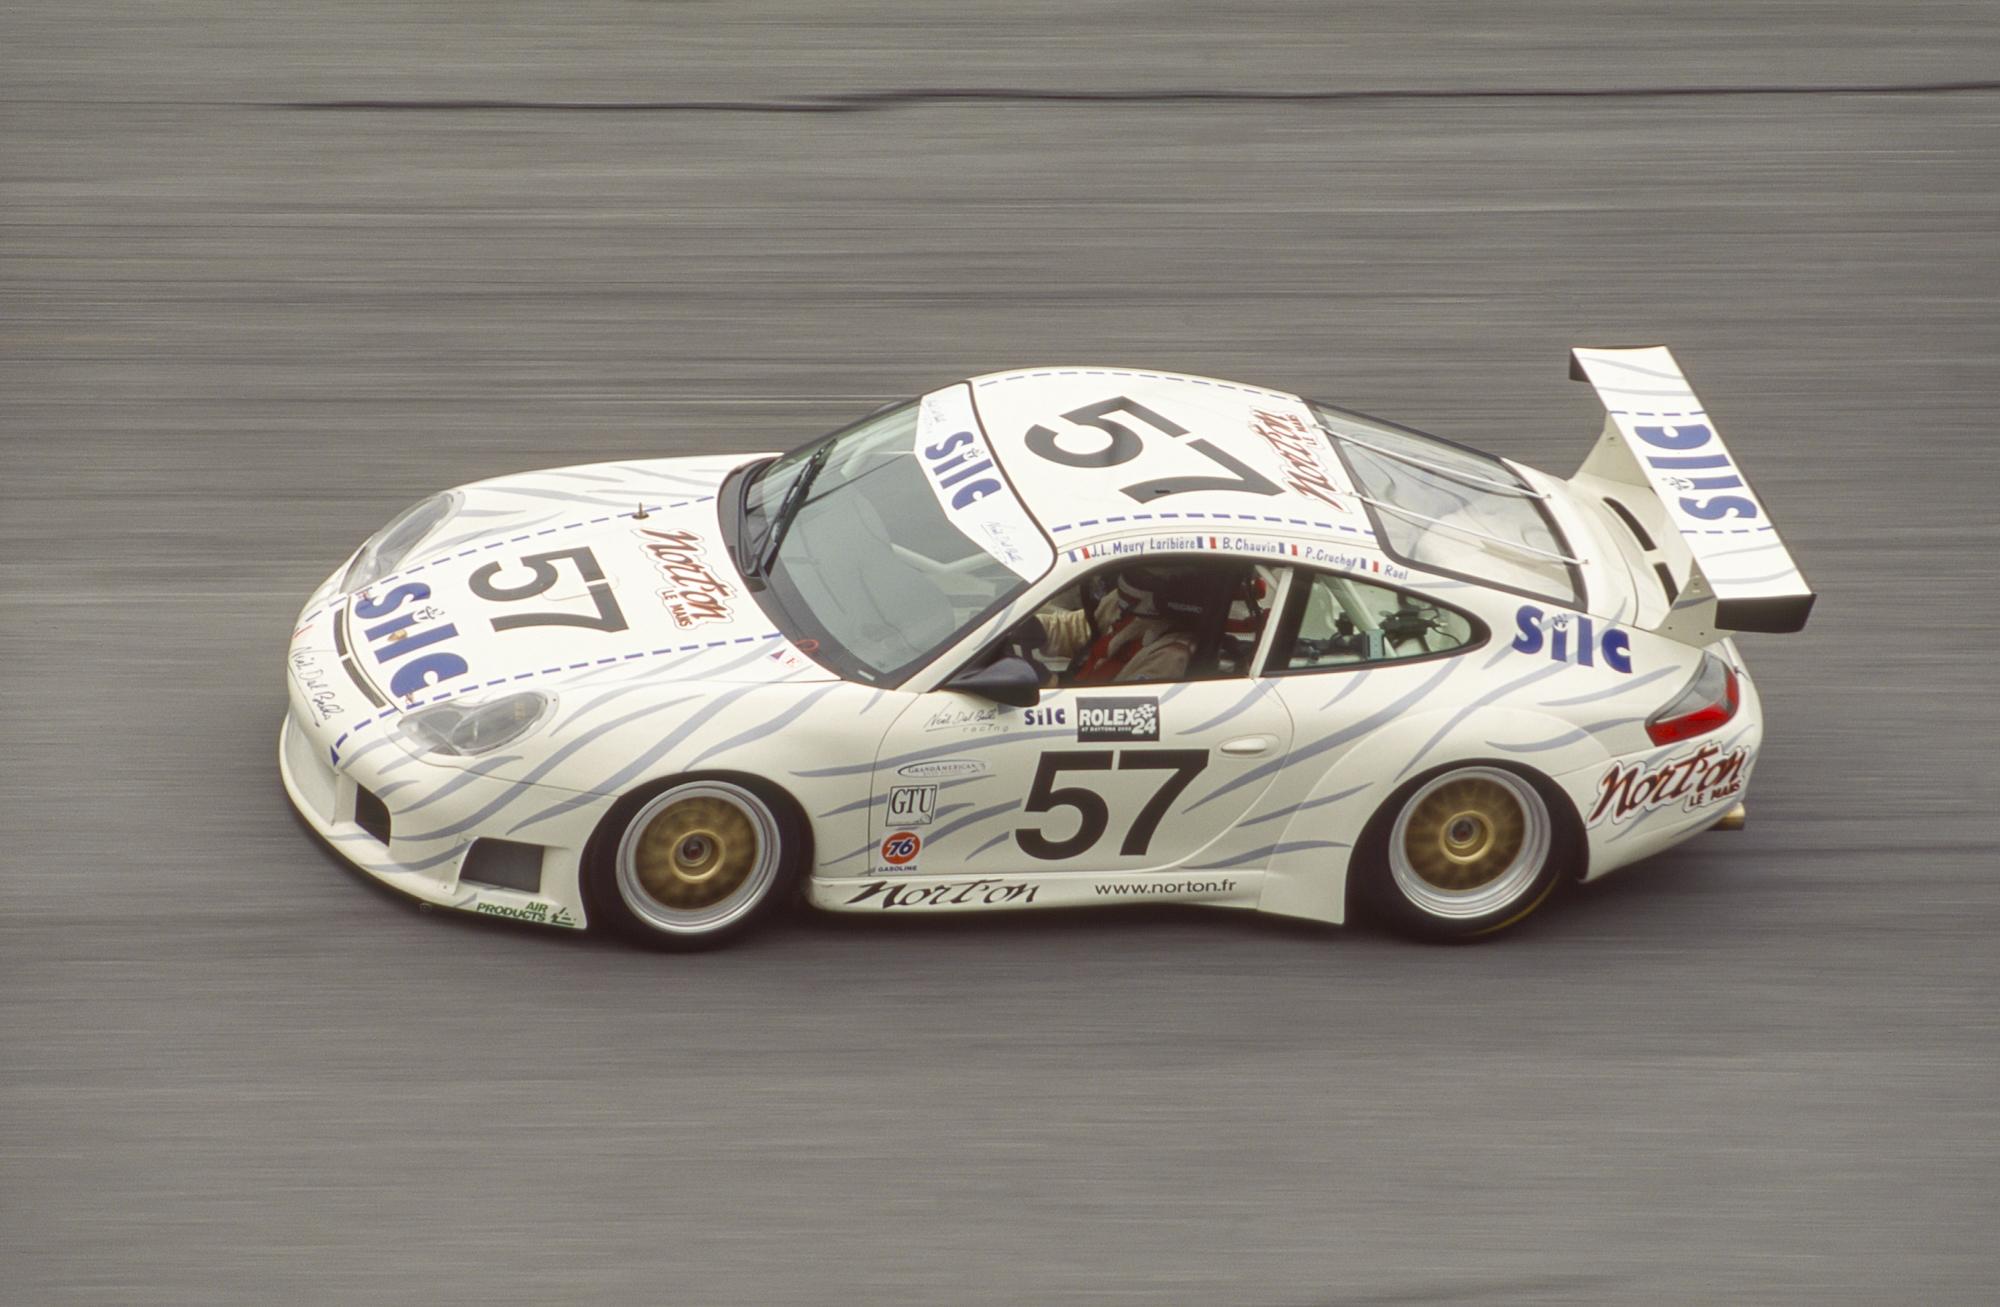 Rael Porsche Daytona 2000